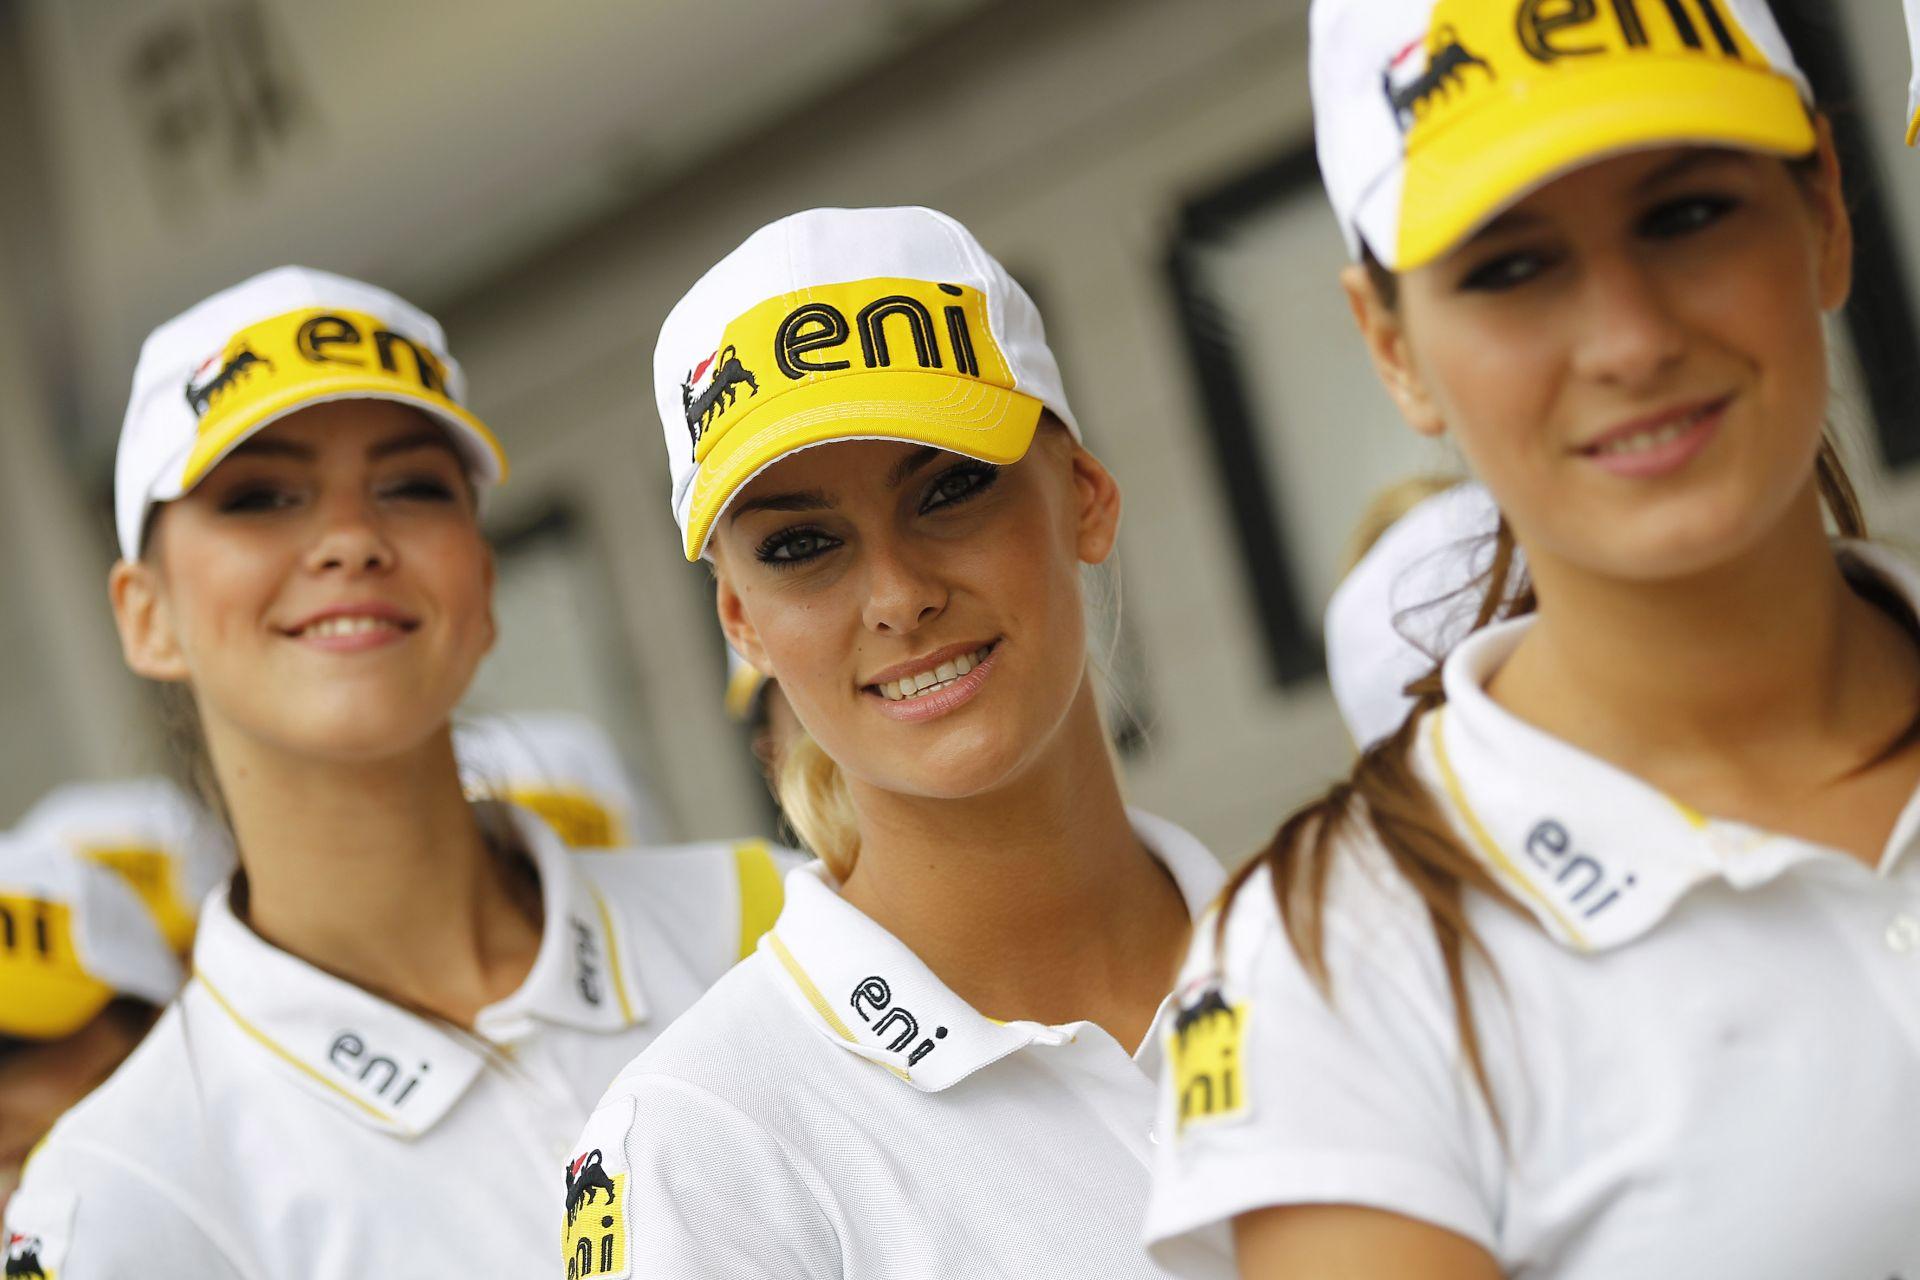 Van már jegyed az idei F1-es Magyar Nagydíjra? Itt a lehetőség! Olcsó diákbérletek